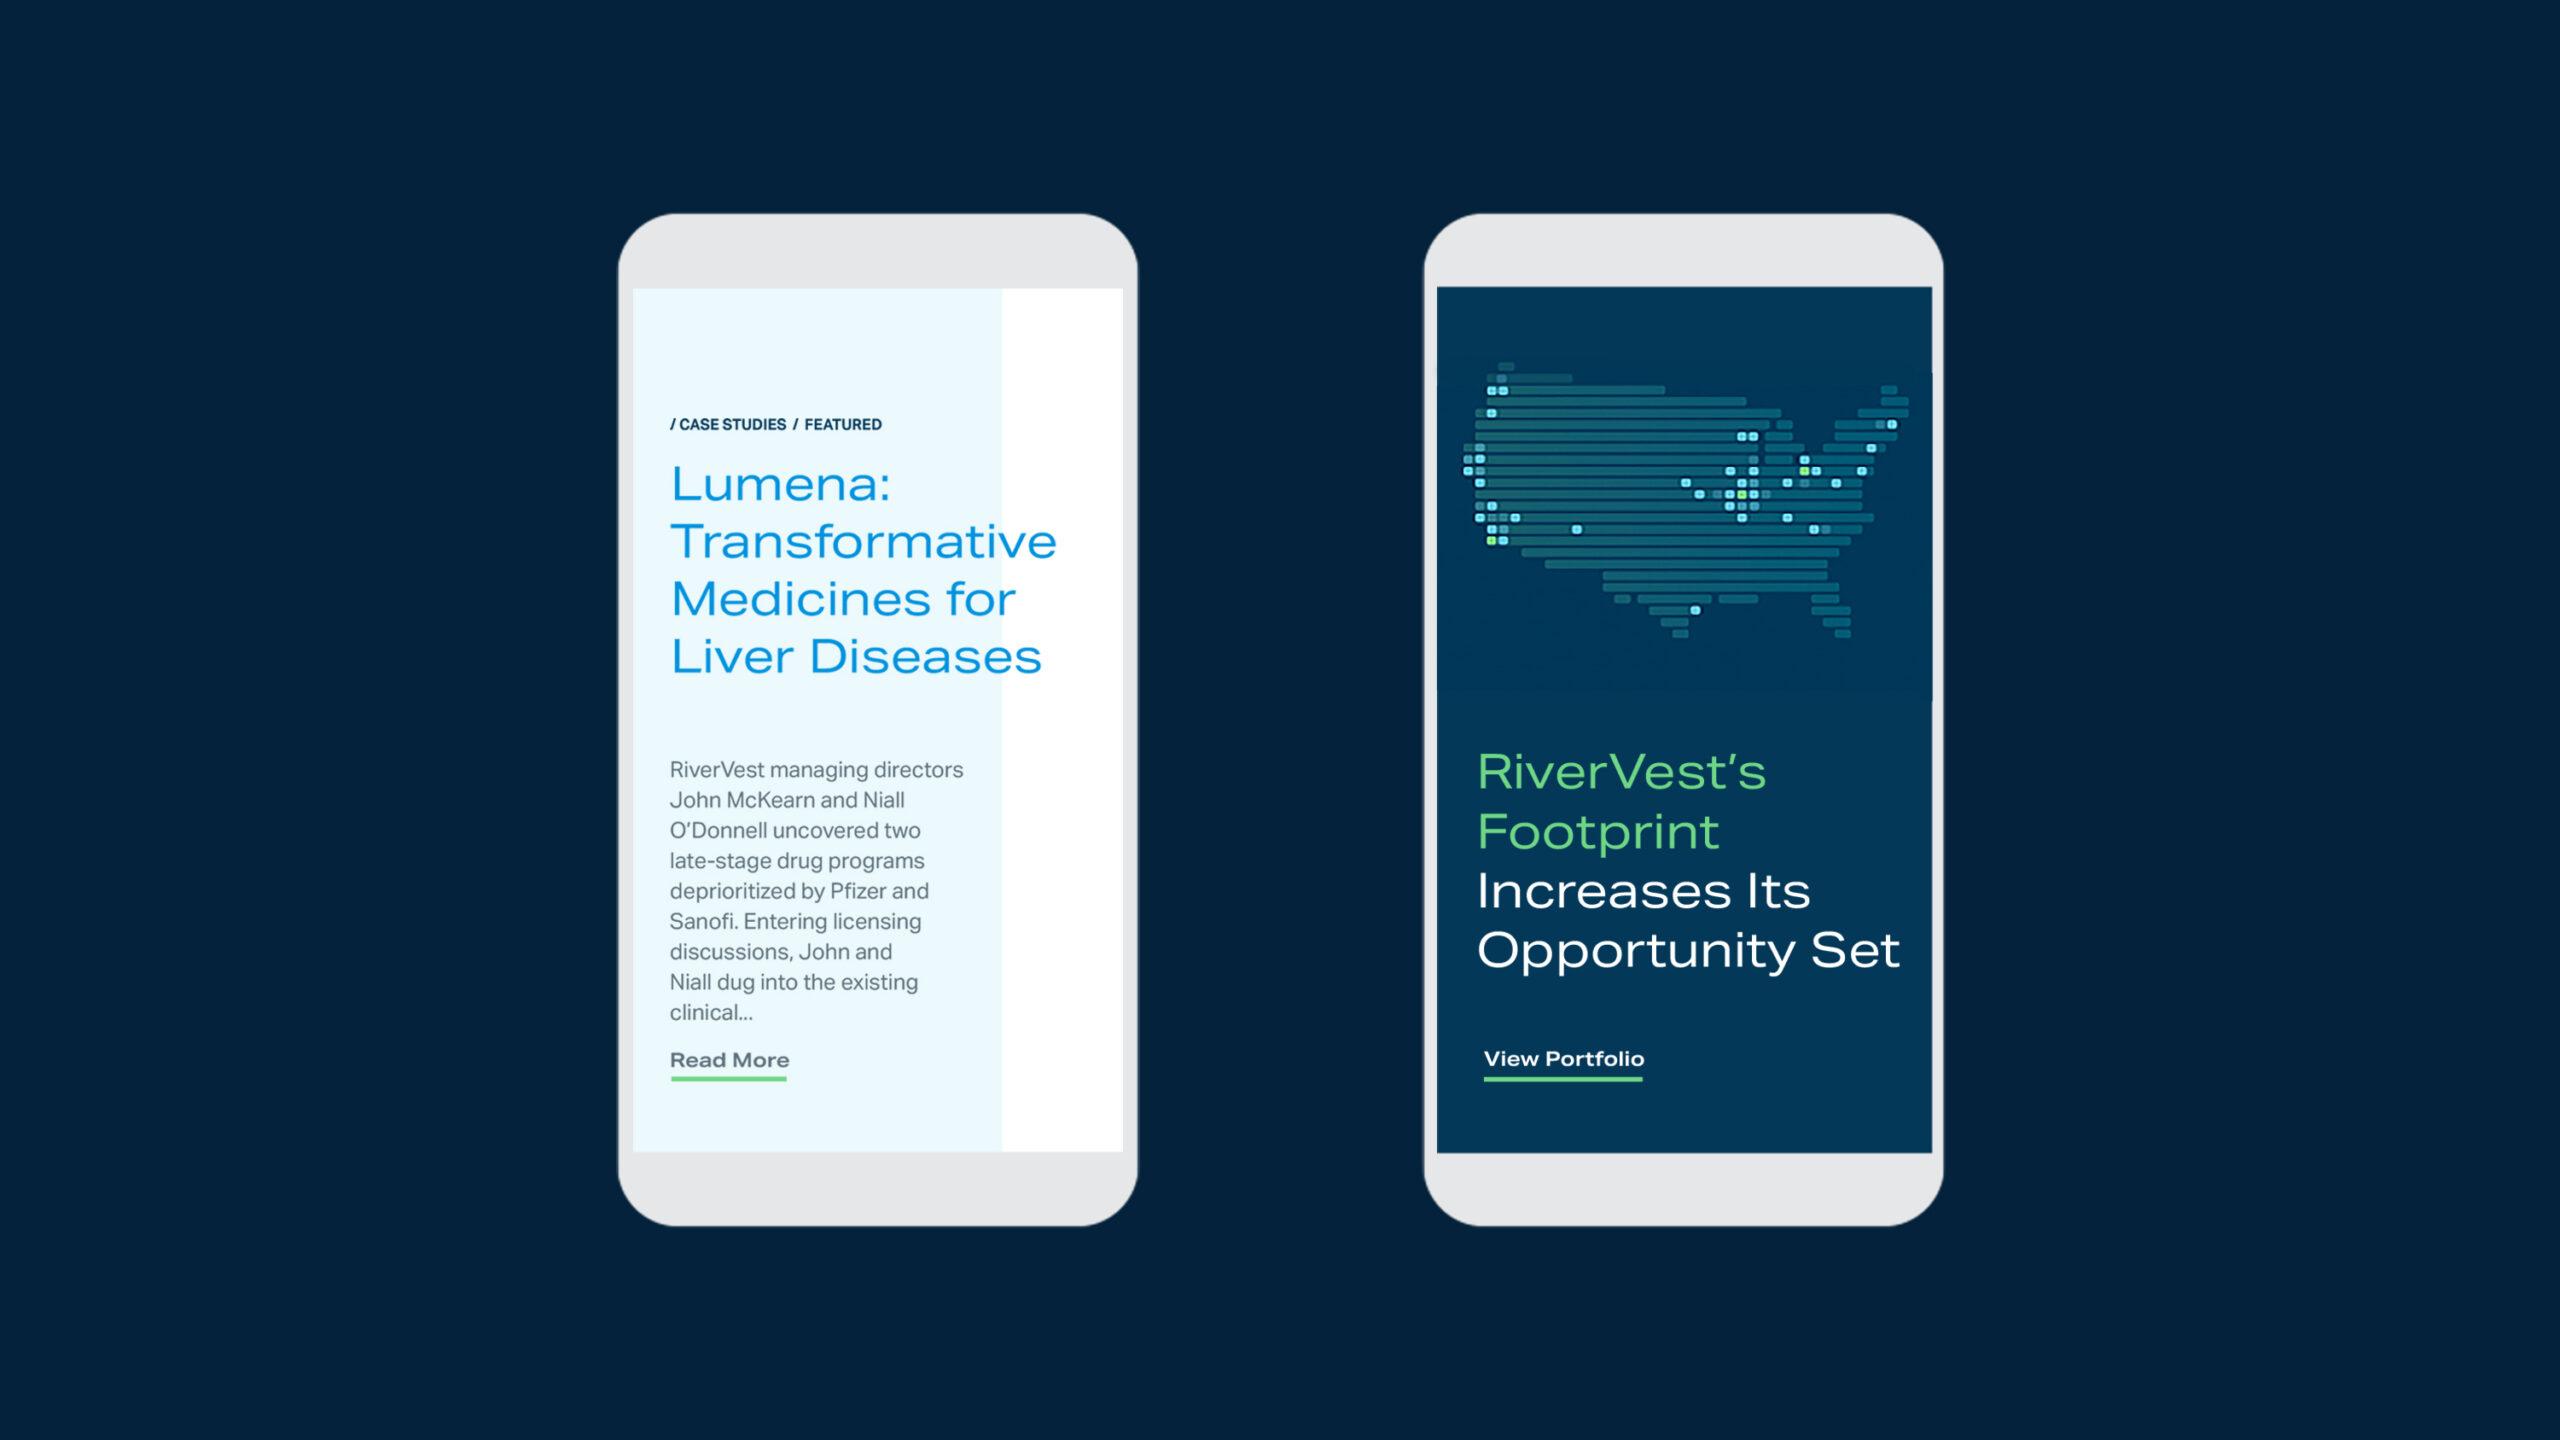 RiverVest website shown on mobile